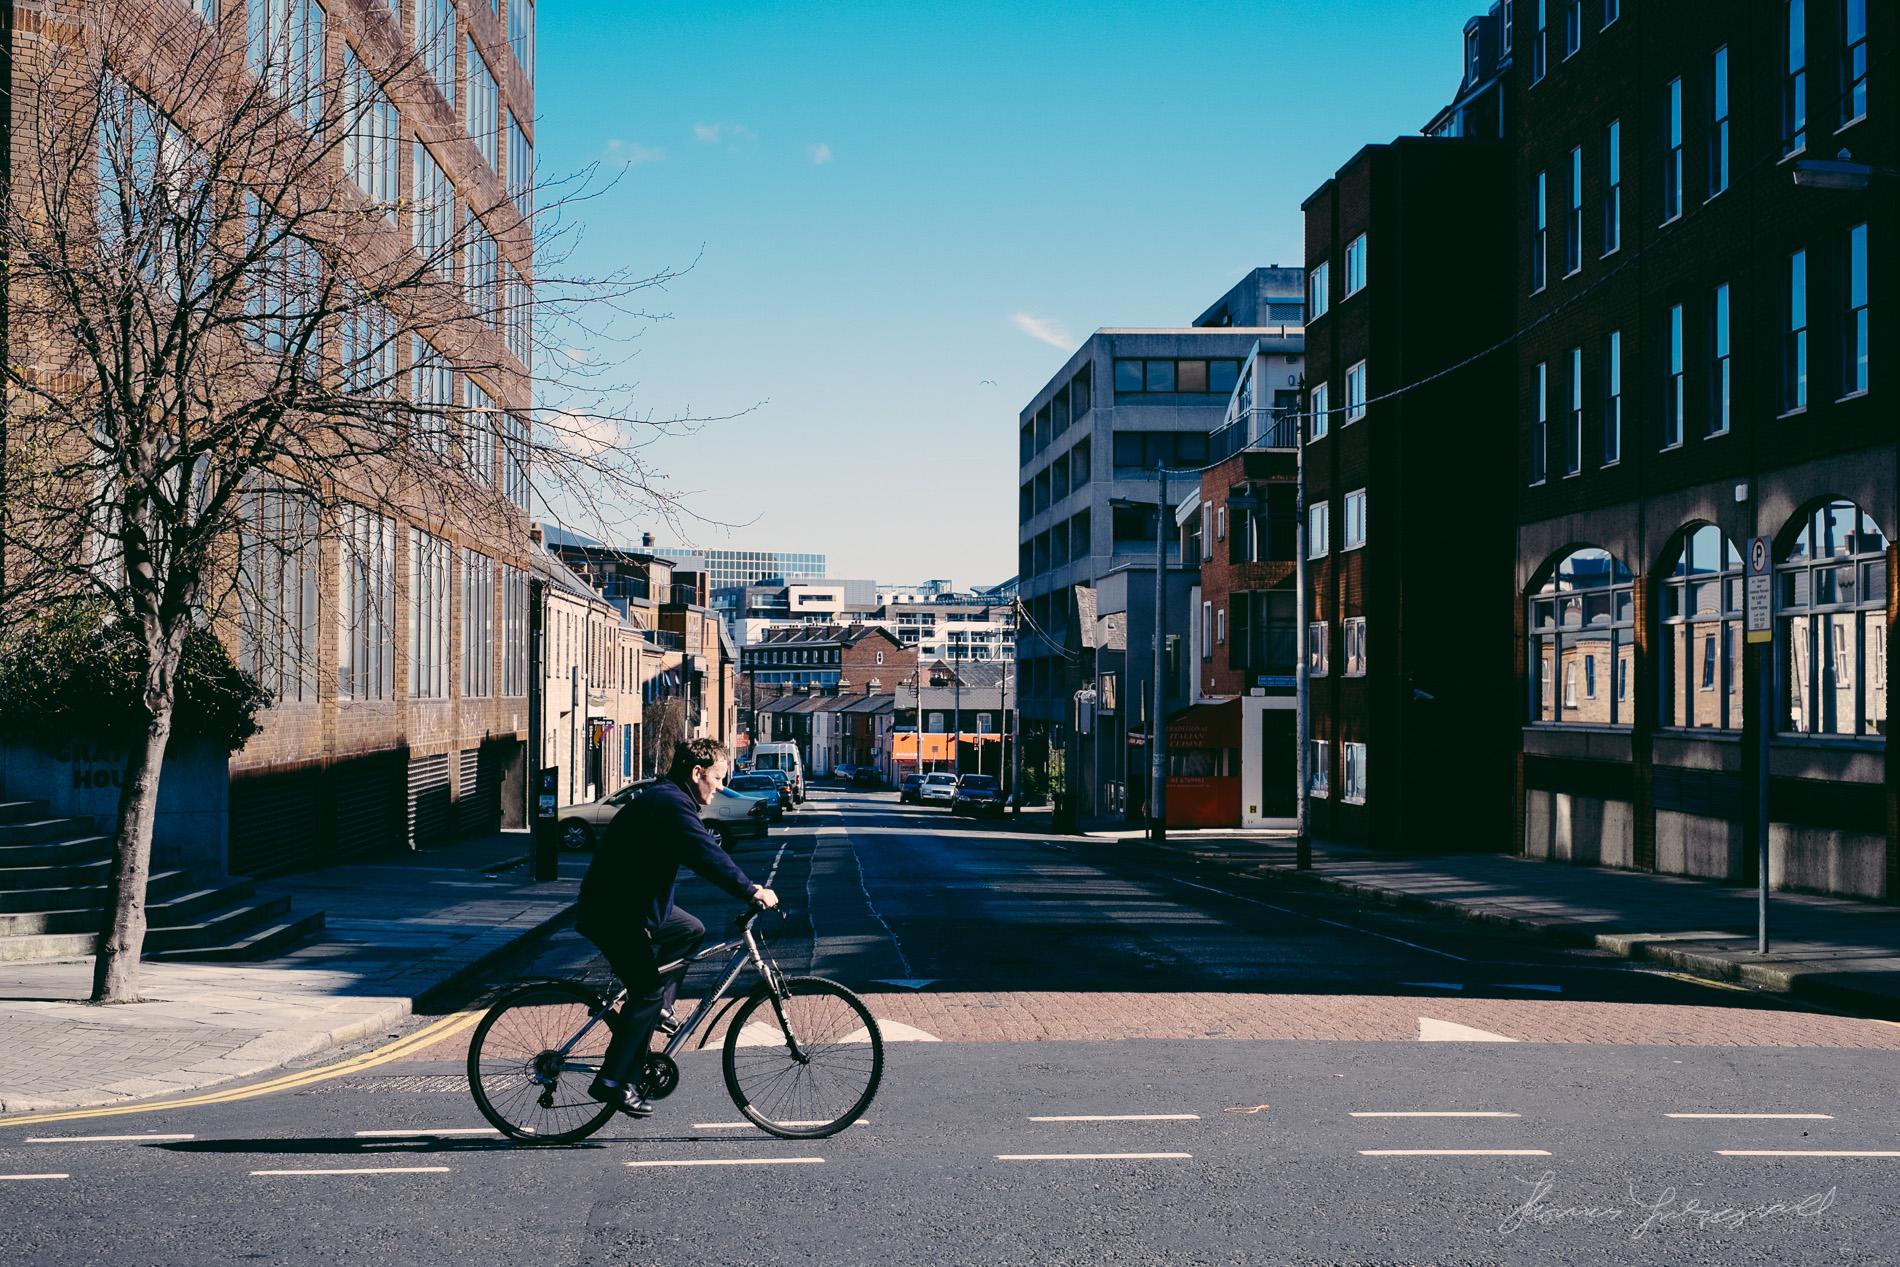 Man Walking By Empty Street